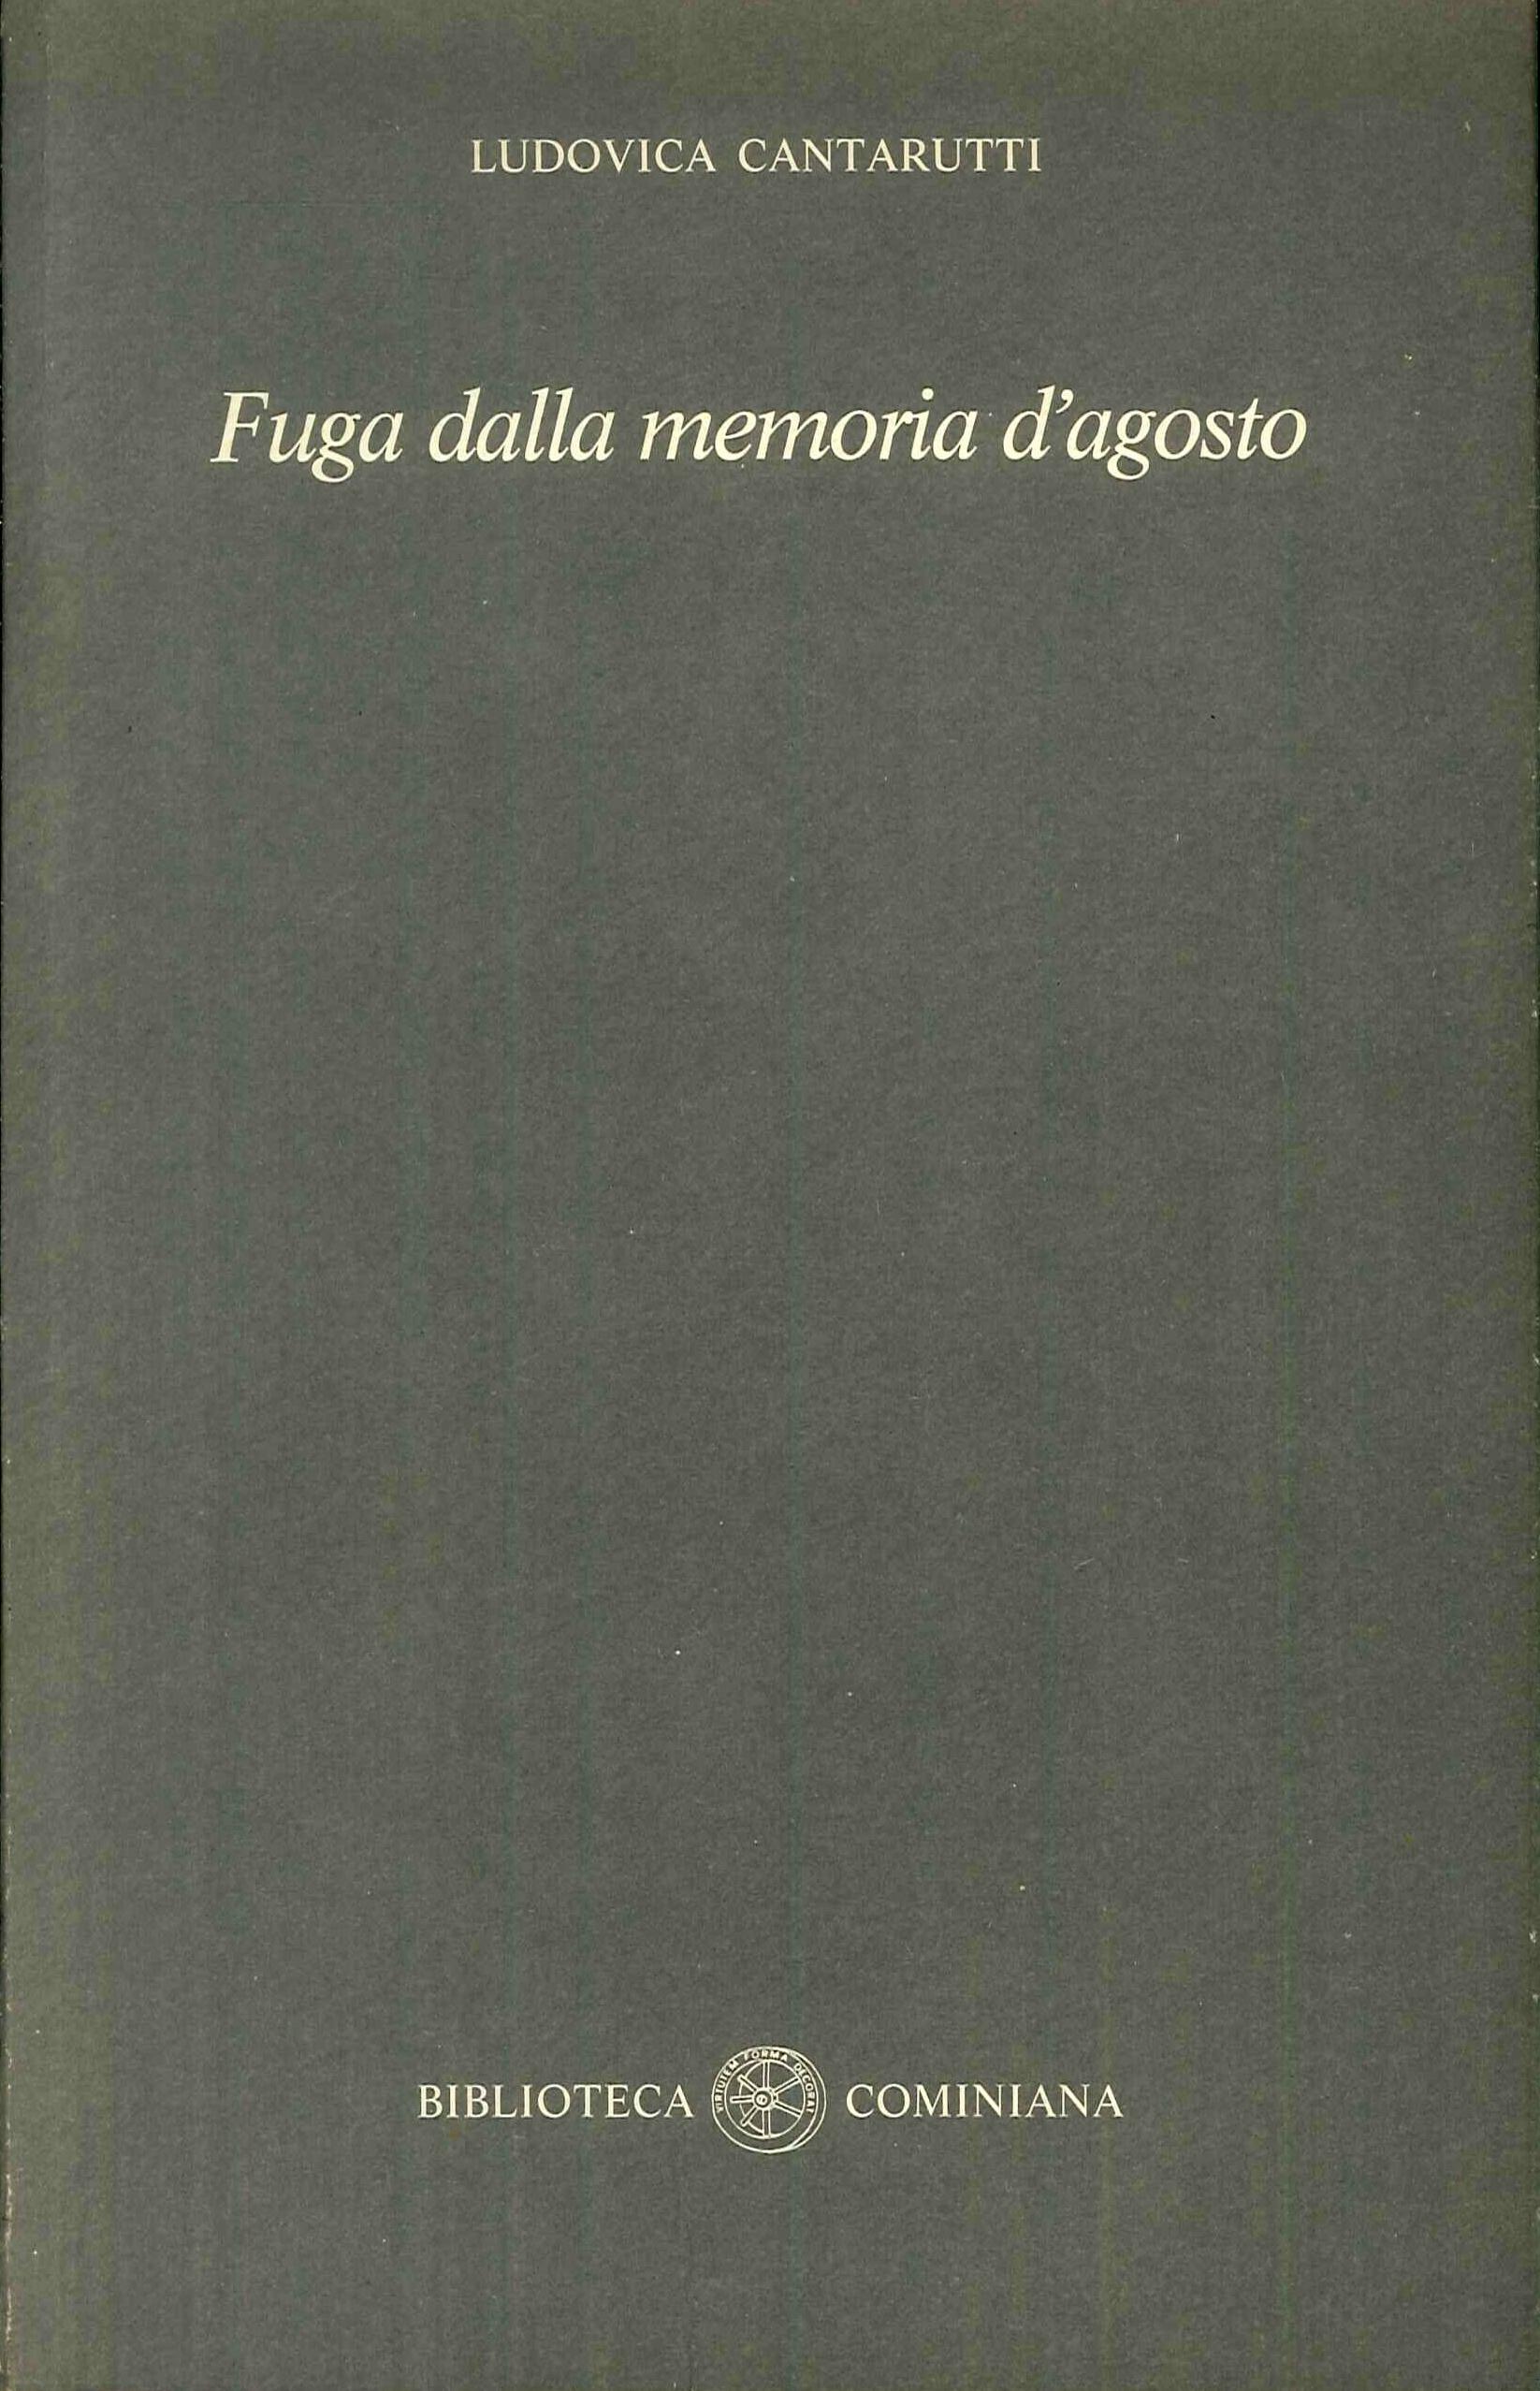 Fuga dalla memoria d'Agosto (Poesie dal 1976 al 1987).